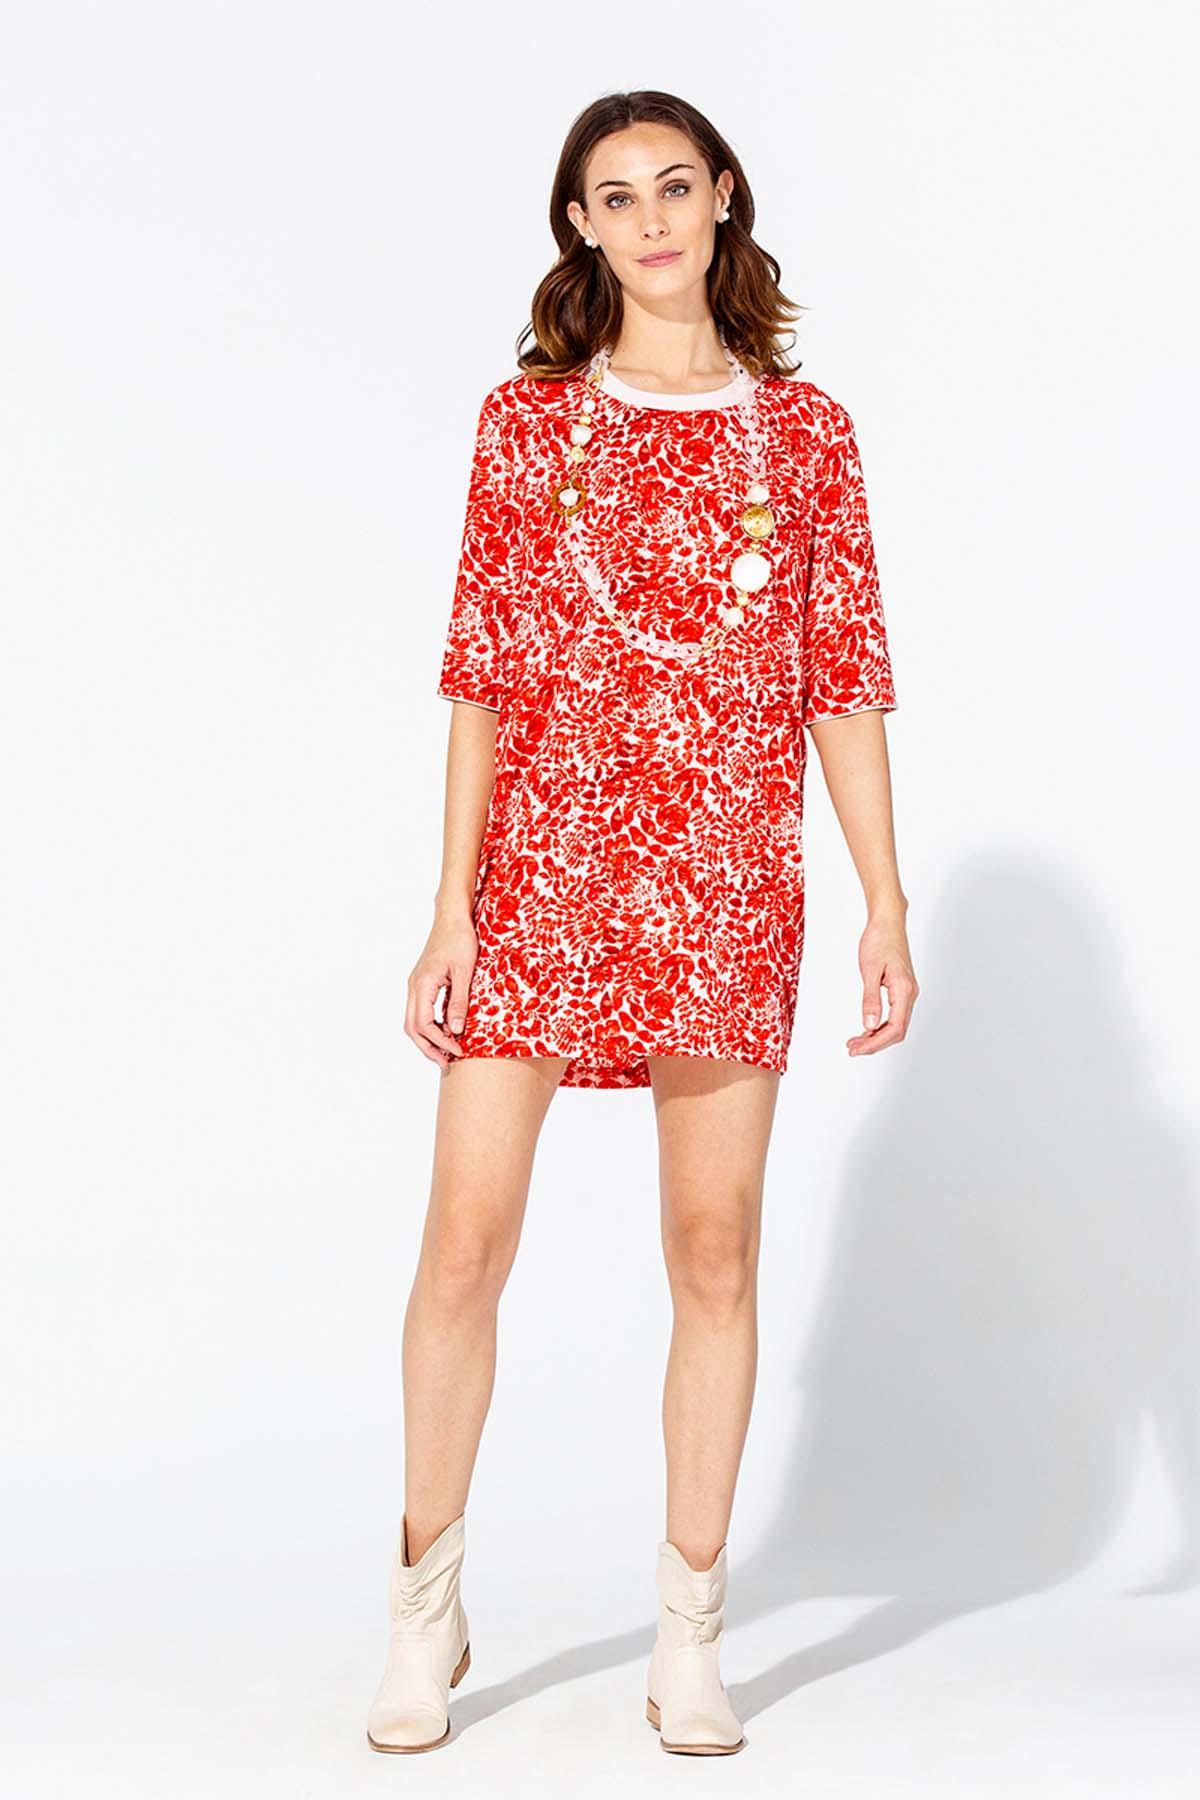 Teria Yabar - Vestido suelto de hojas rojas